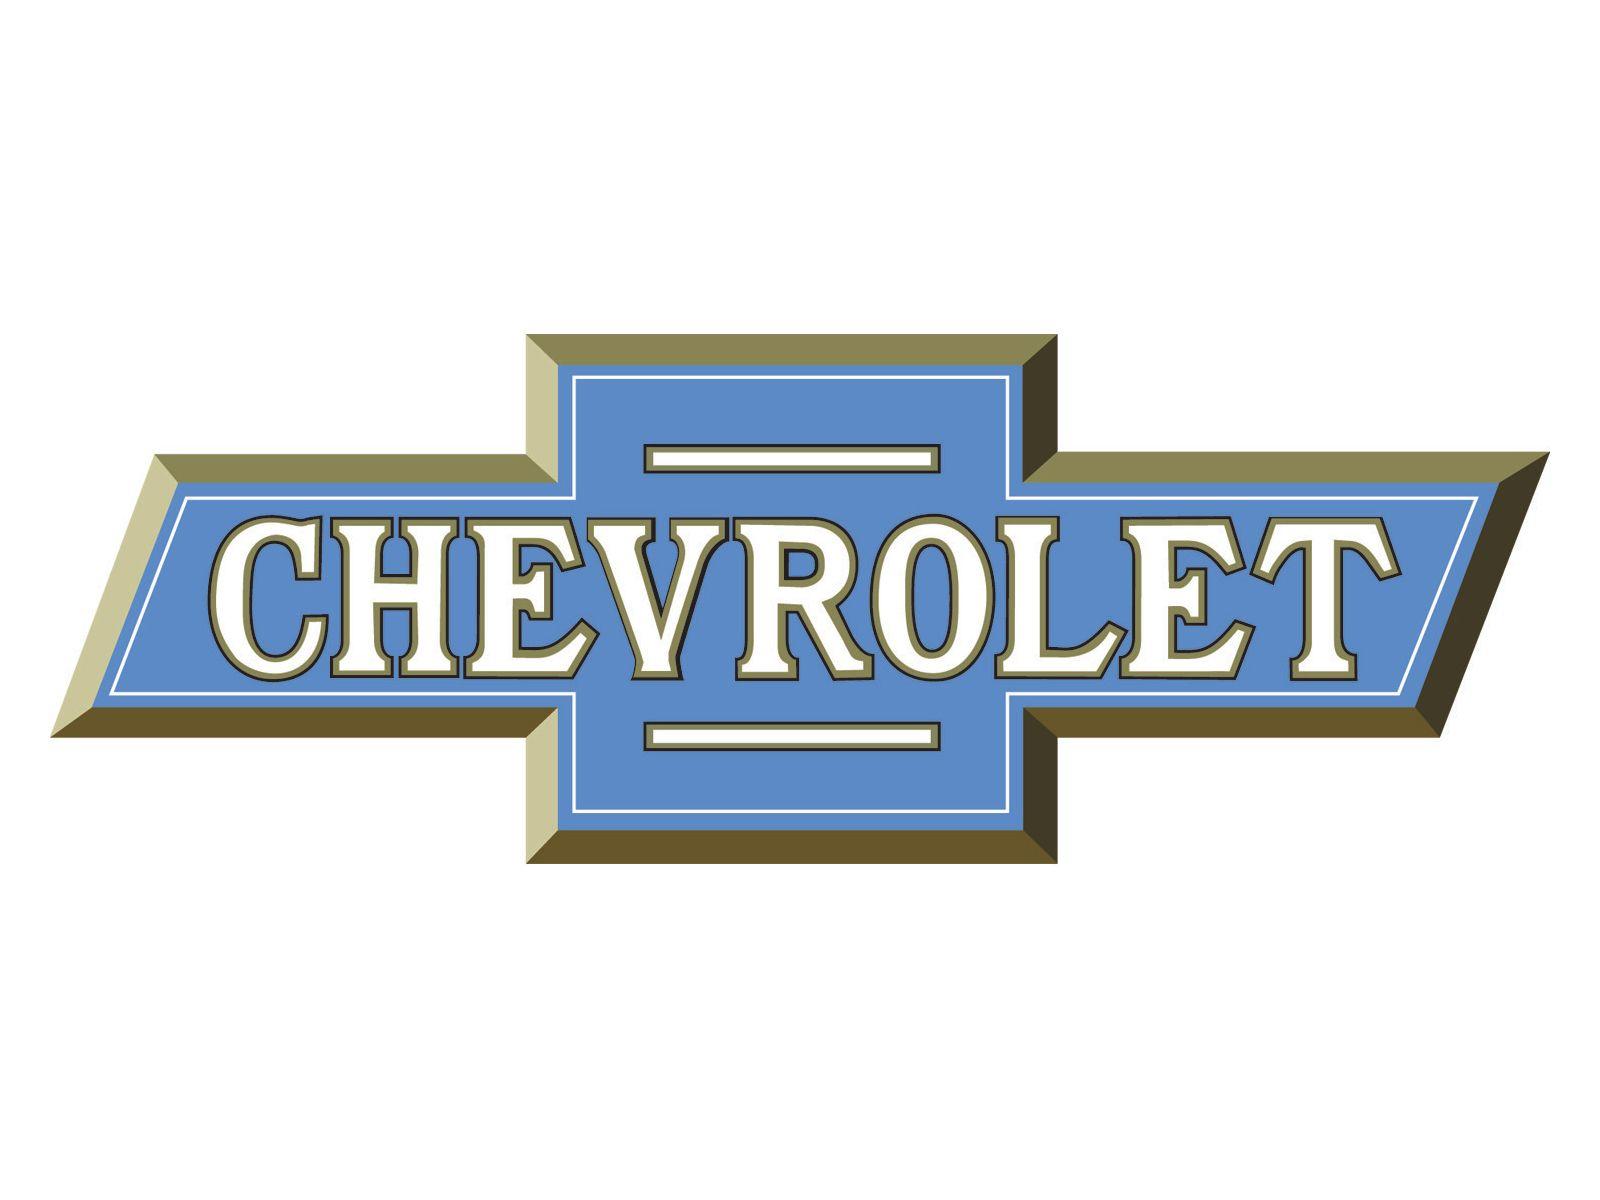 Chevrolet Emblem Chevy Bowtie Chevrolet Logo